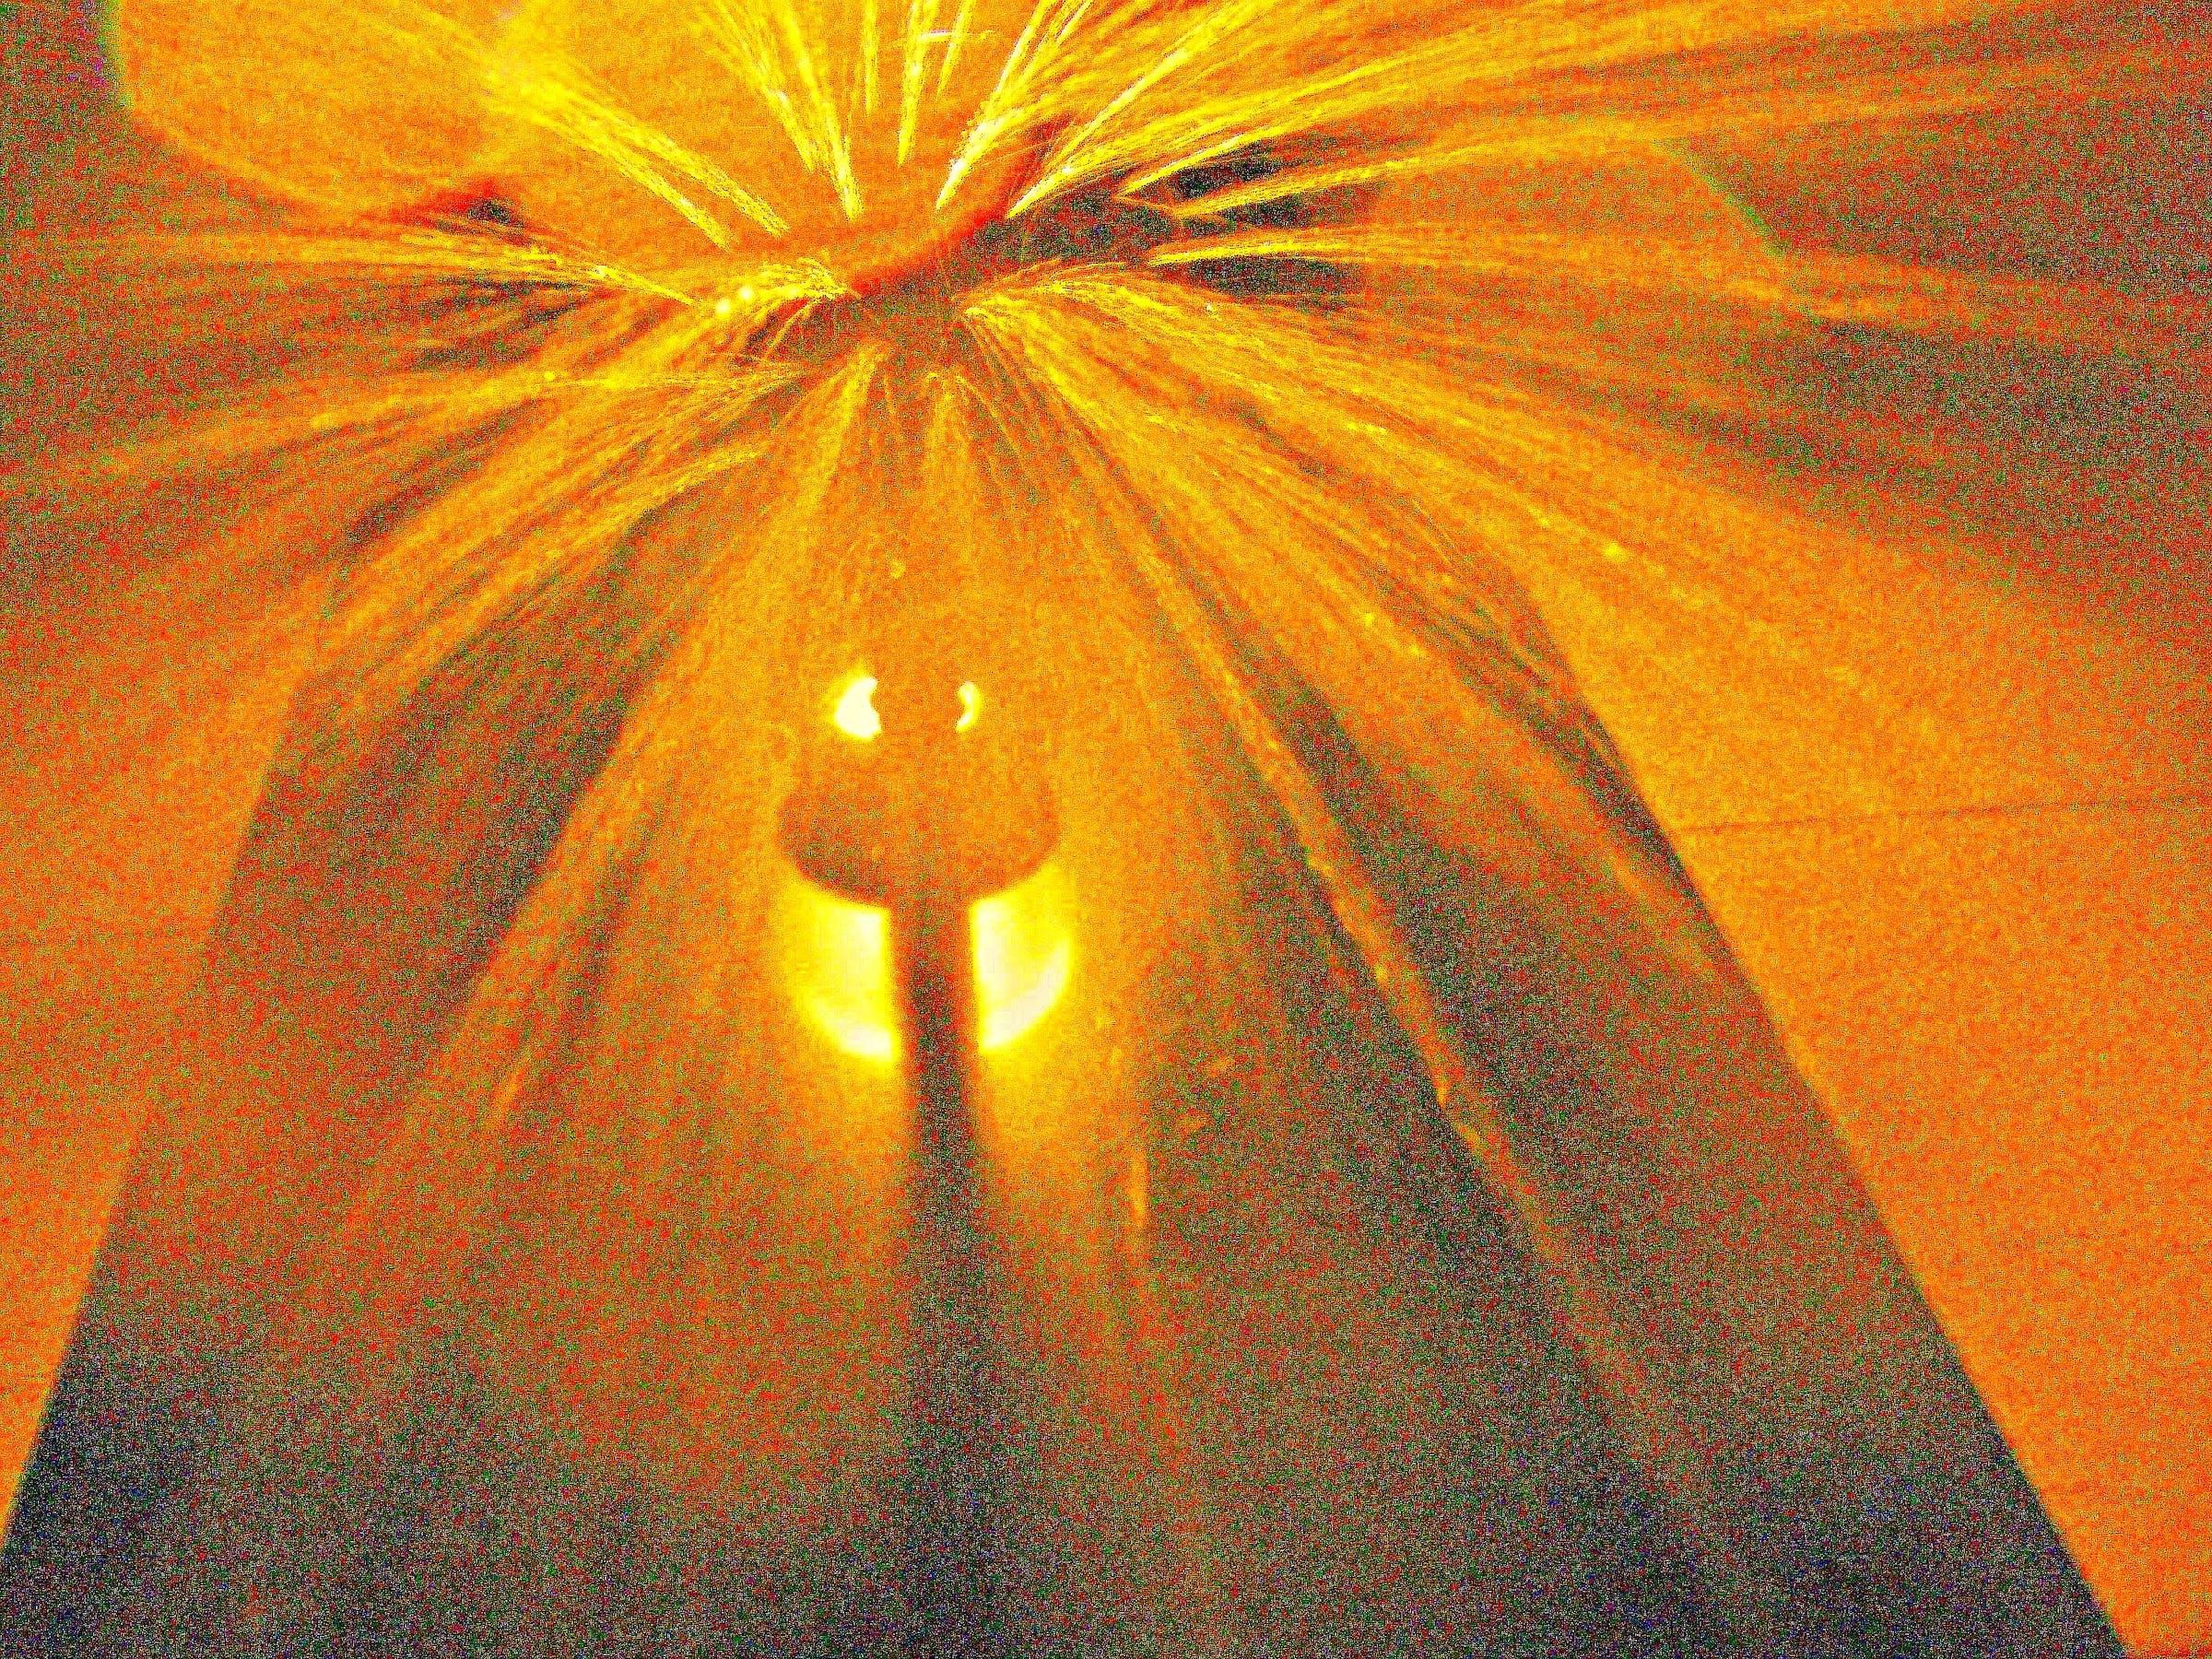 donald trump golden shower